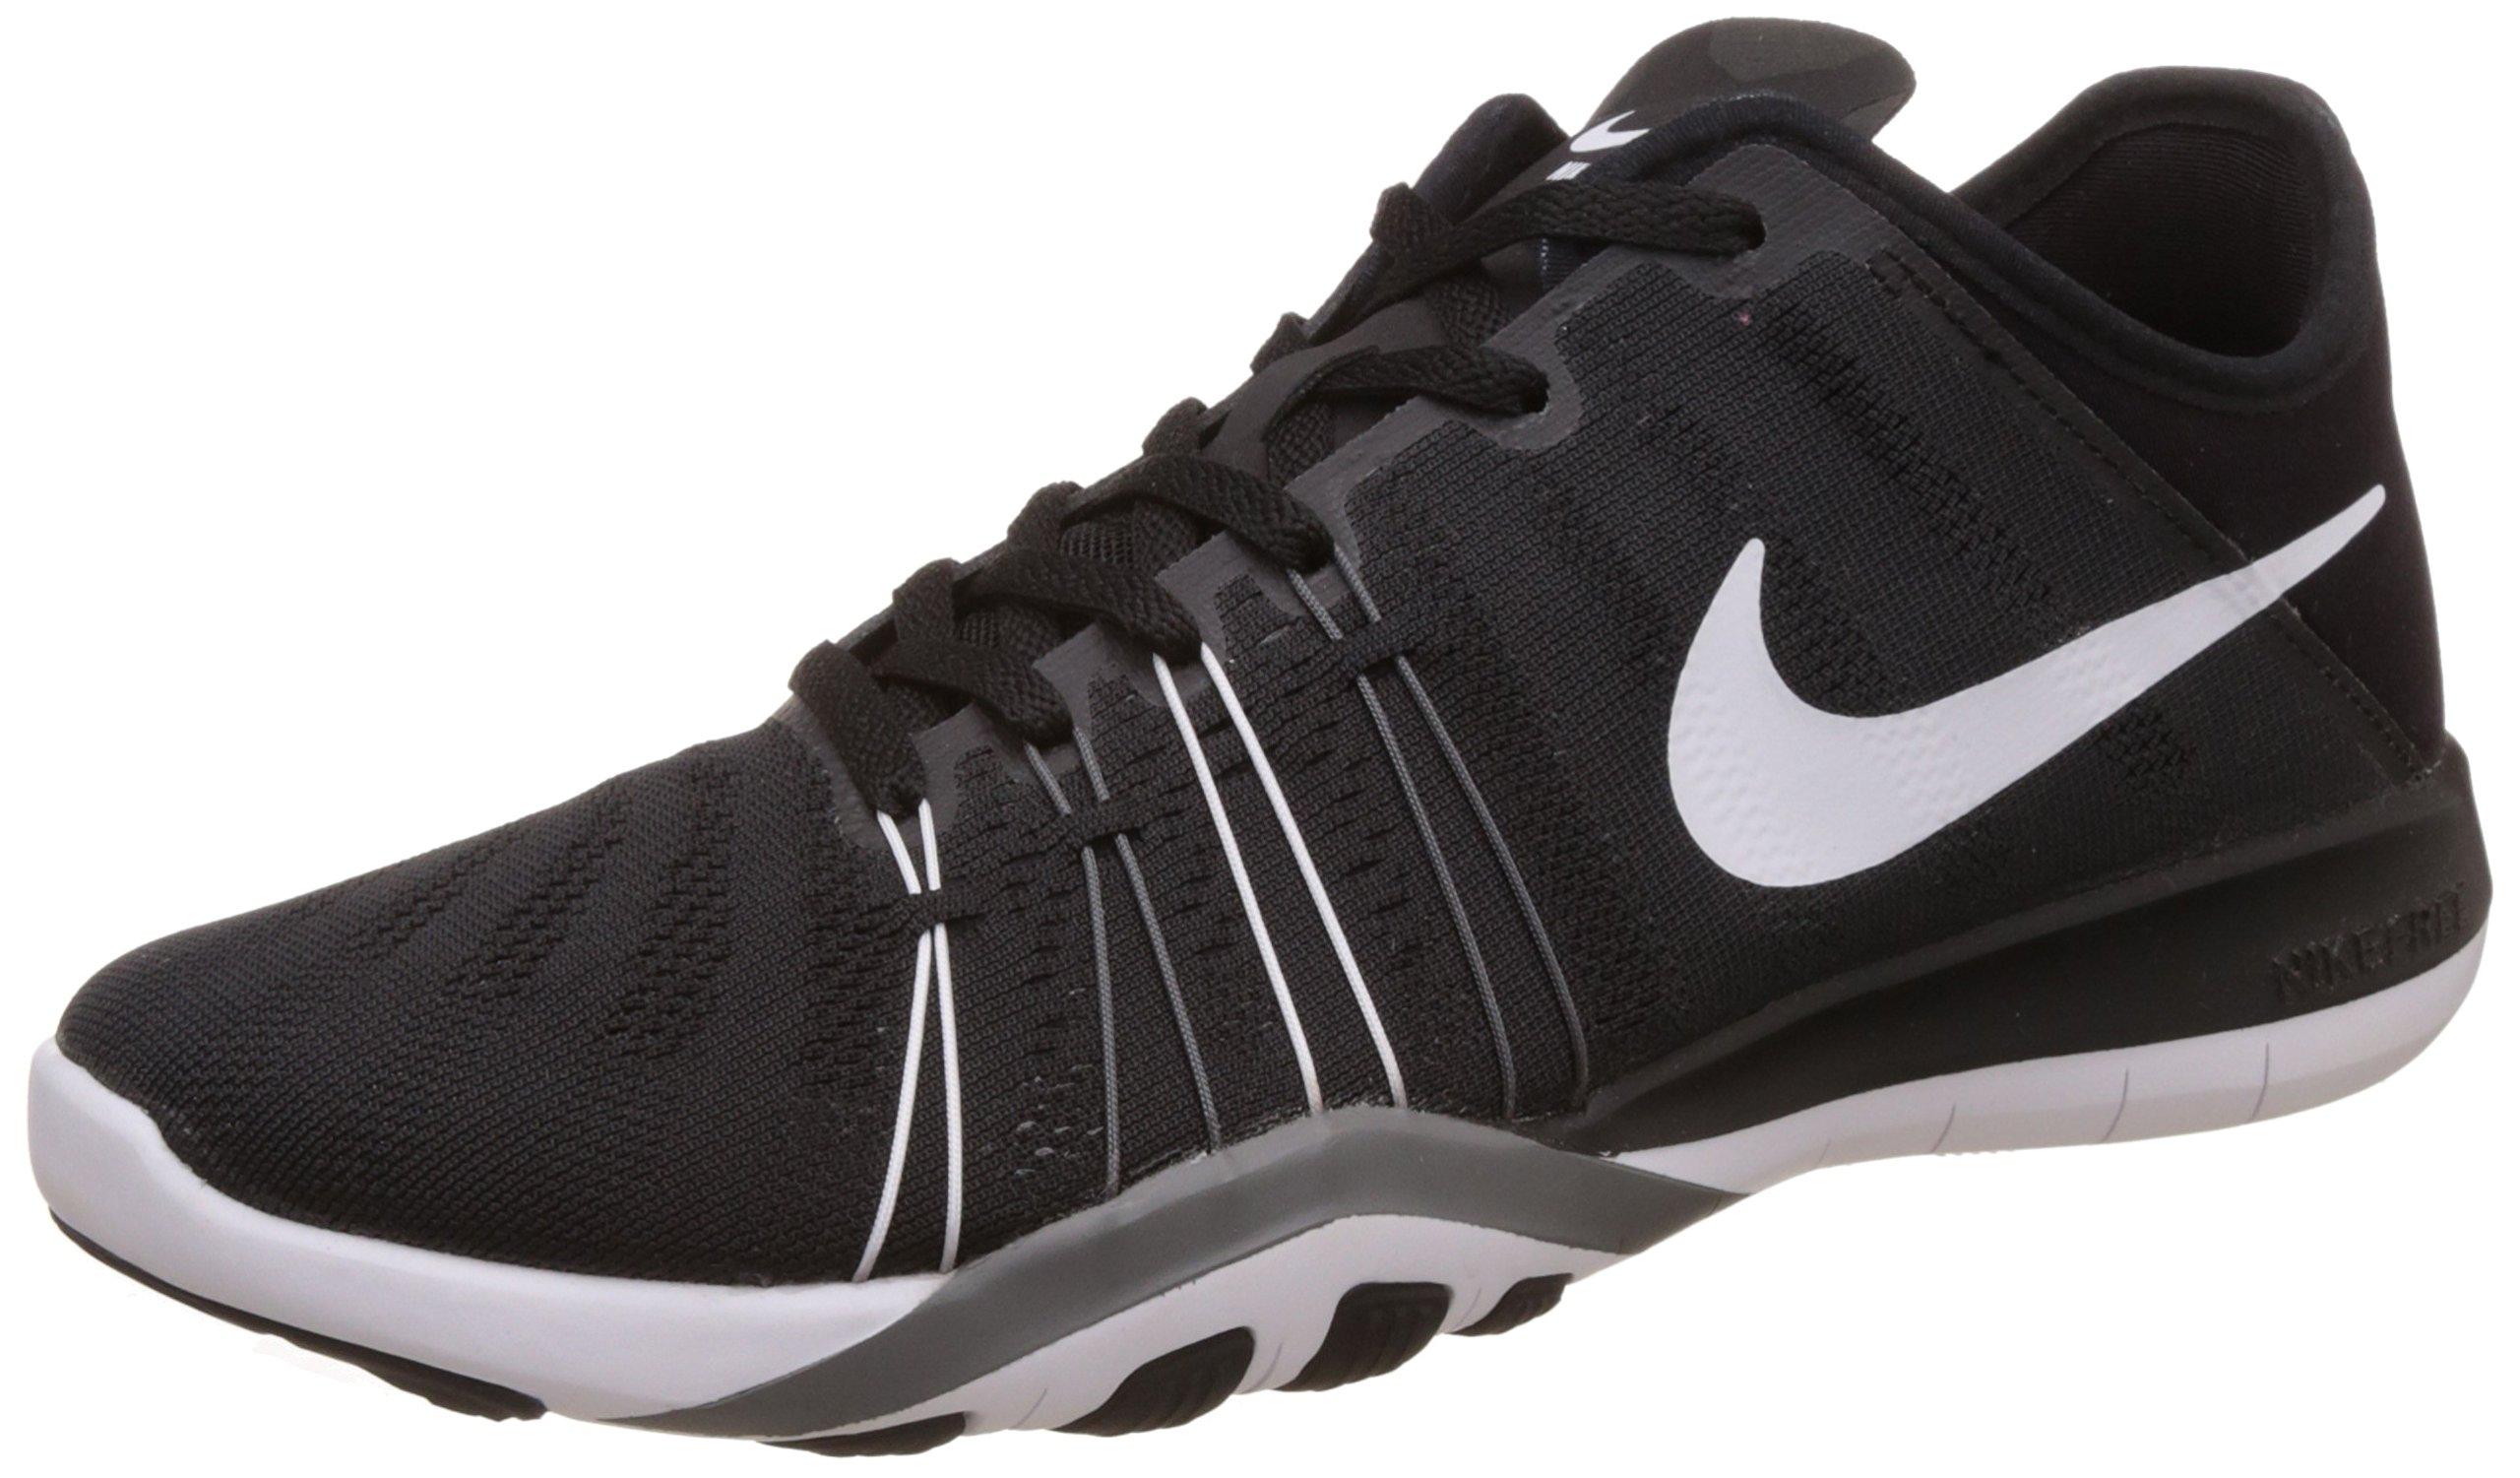 Nike Free TR 6 Womens ShoesBlack/Cool Grey/White 8.5 B(M) US